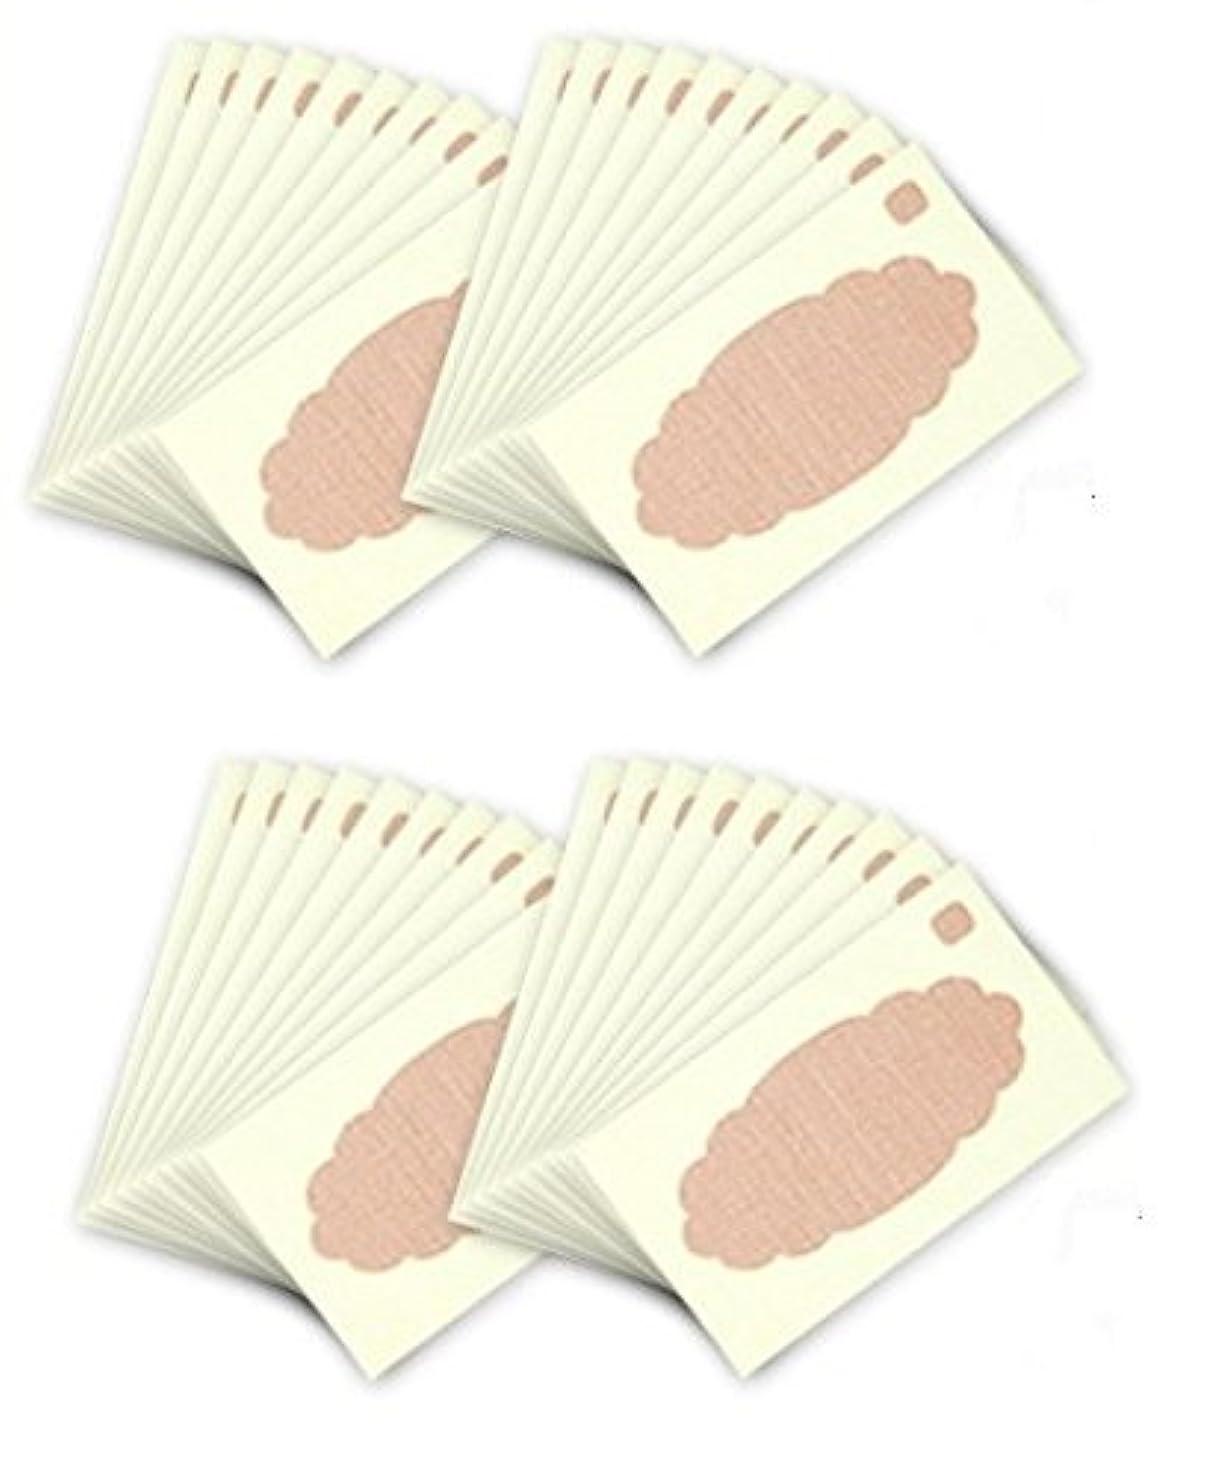 転送オリエント手段汗取りパッド ワキに直接貼る汗とりシートワイド 20枚×2セット(たっぷり40枚 特別お得セット) ズレにくく汗を直接吸収!脇汗ジミ わき汗 対策